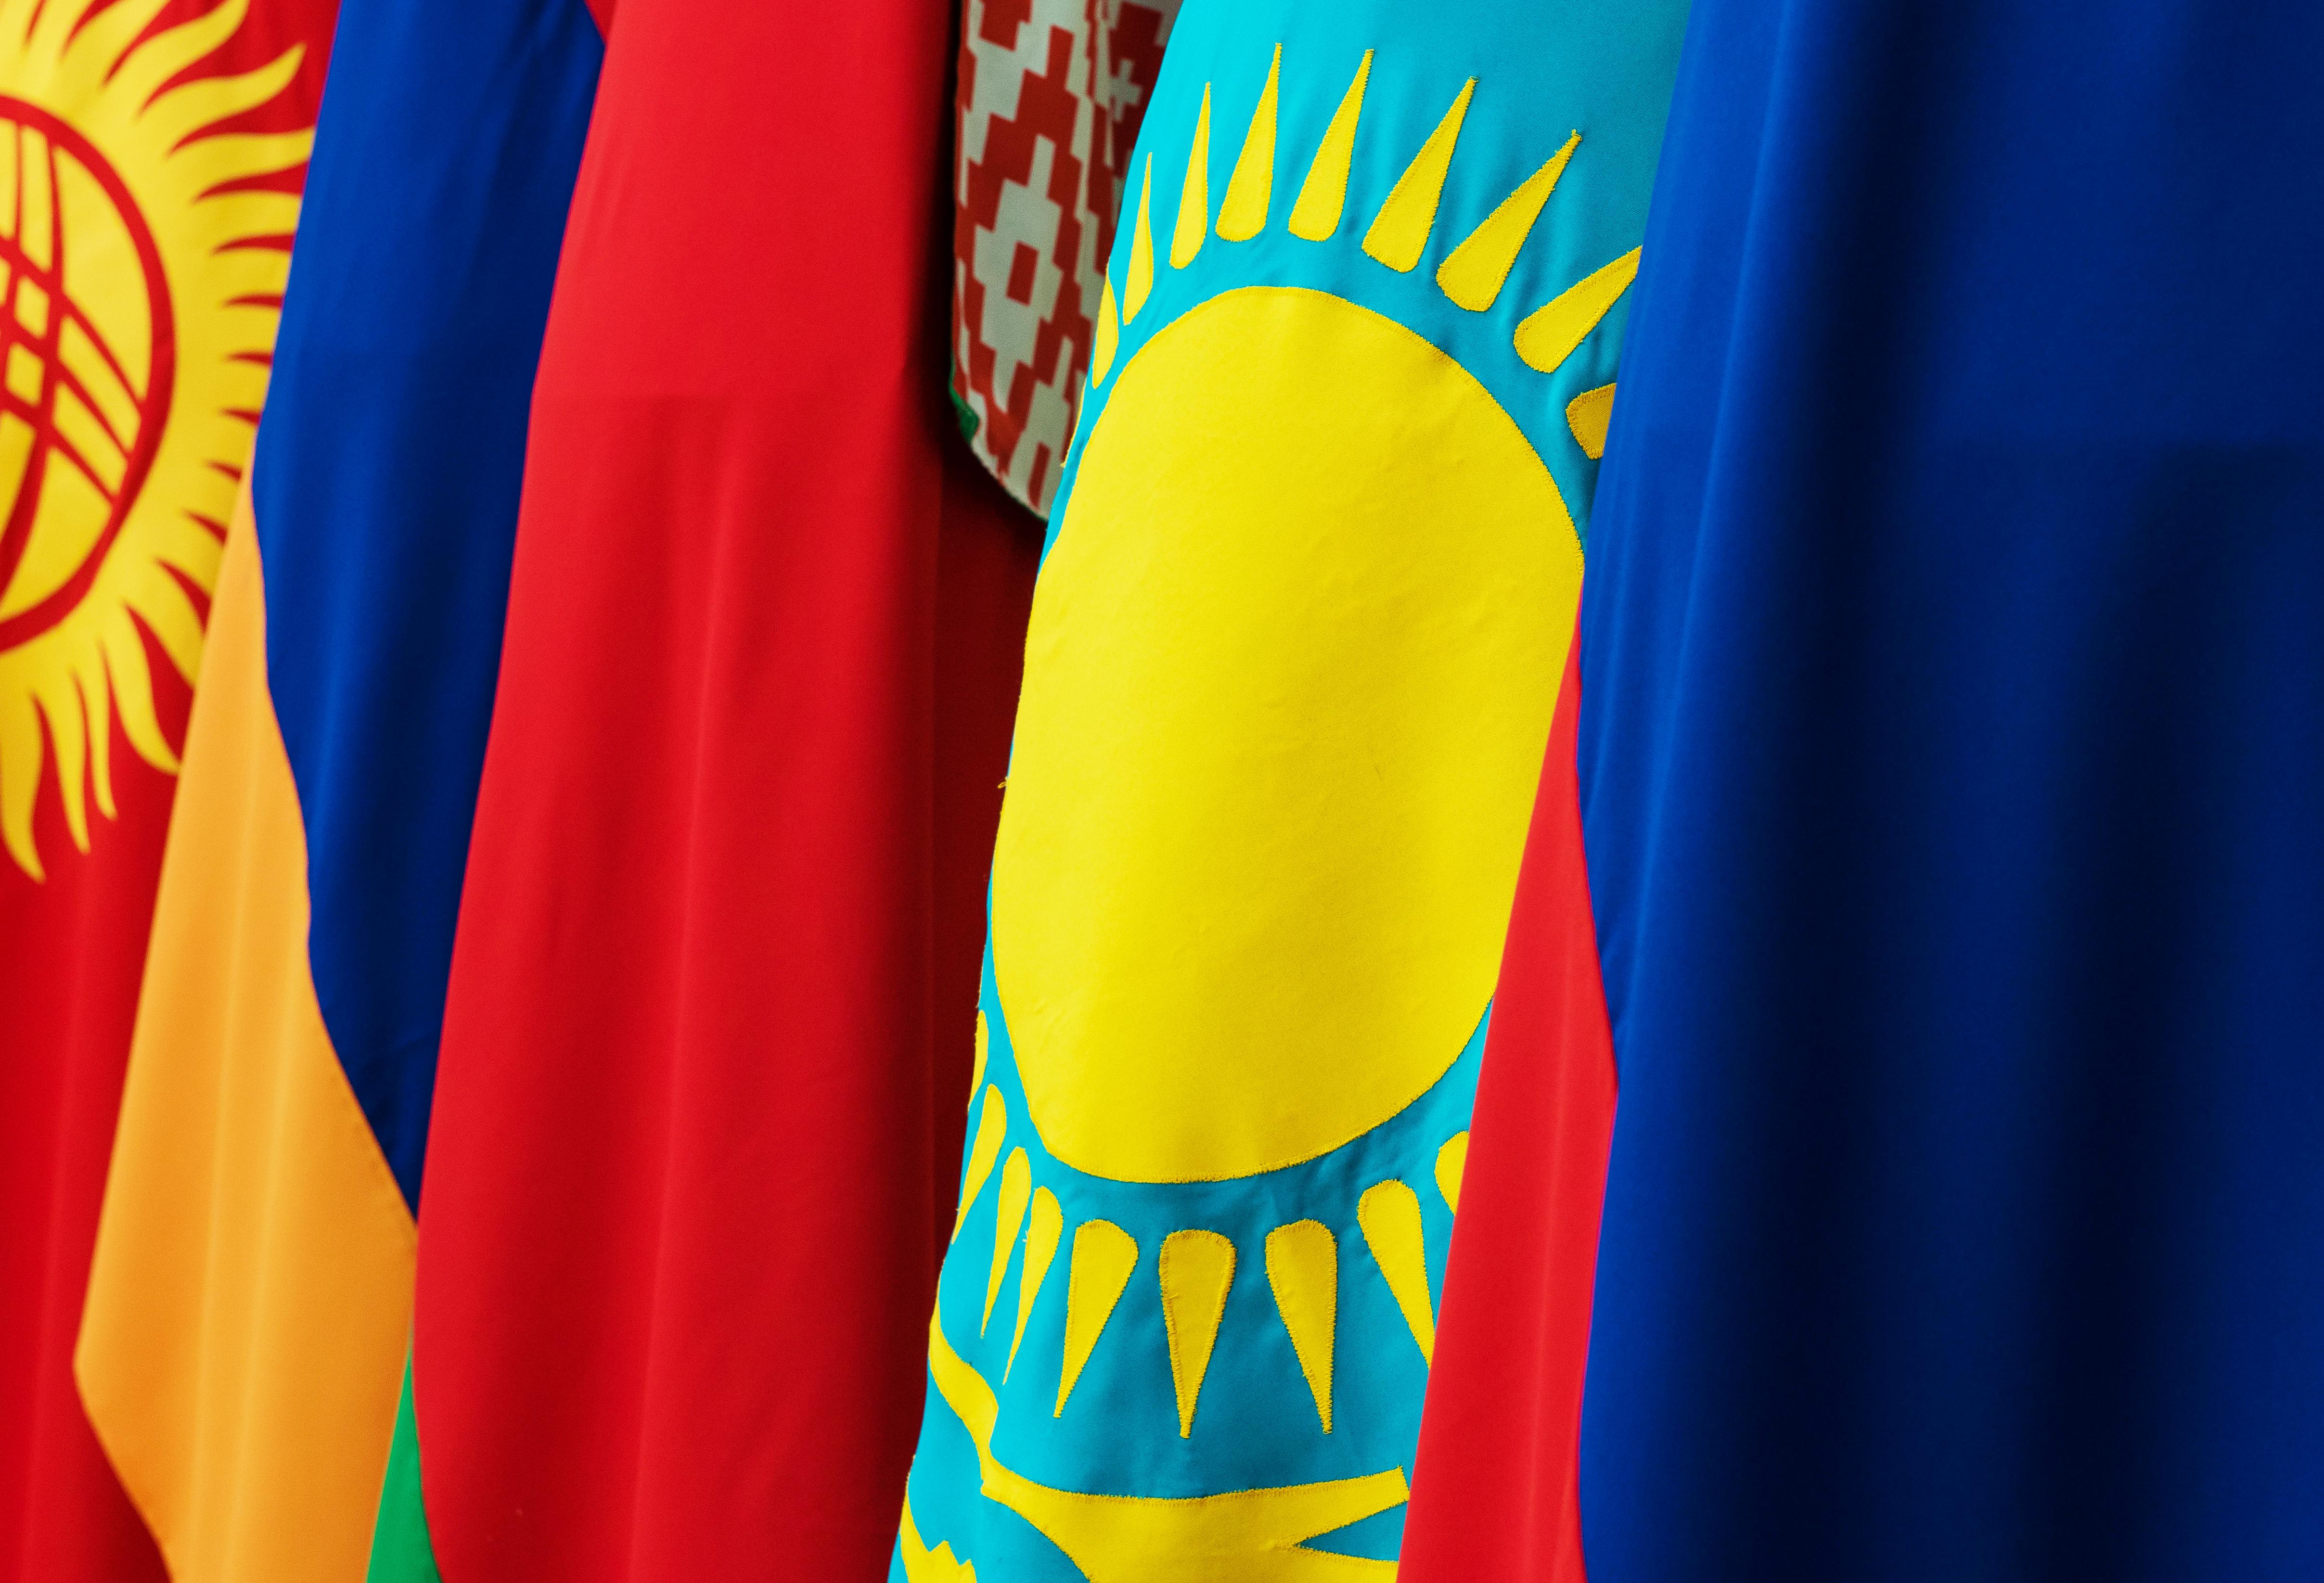 Евразийская интеграция: есть ли повод для беспокойства?